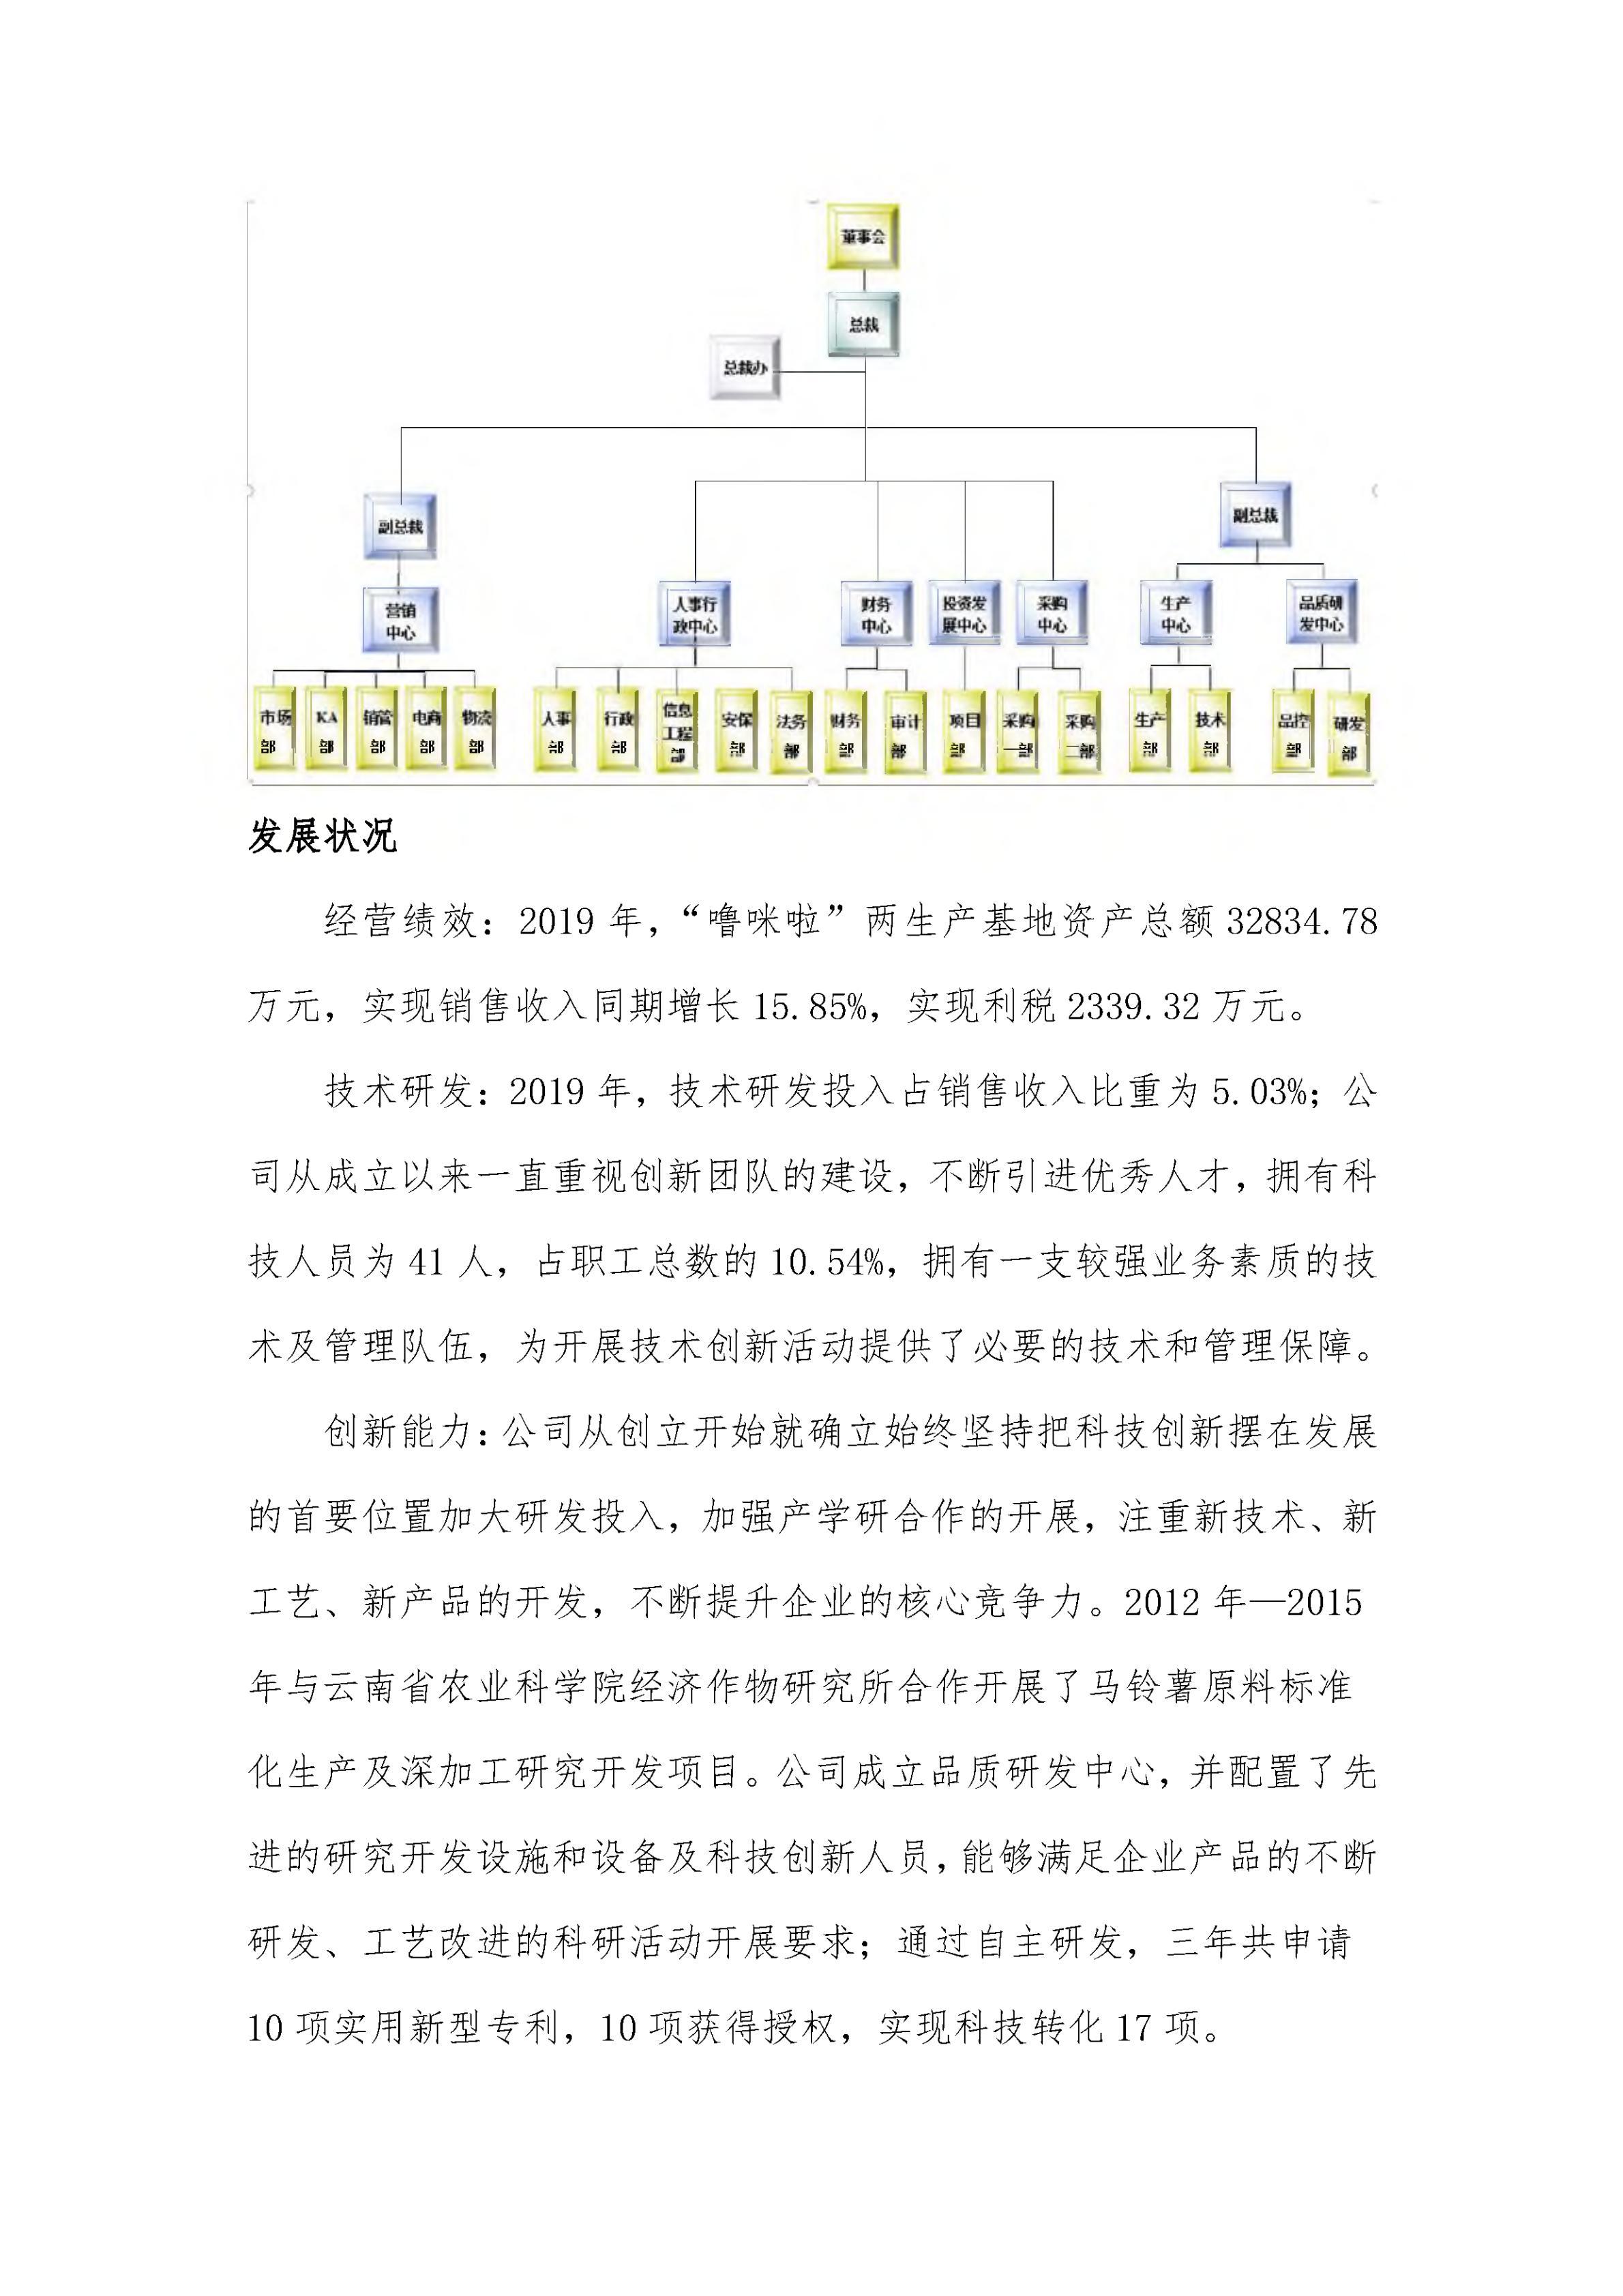 云南理世实业(集团)有限责任公司2019年社会责任报告.FR11_06.jpg